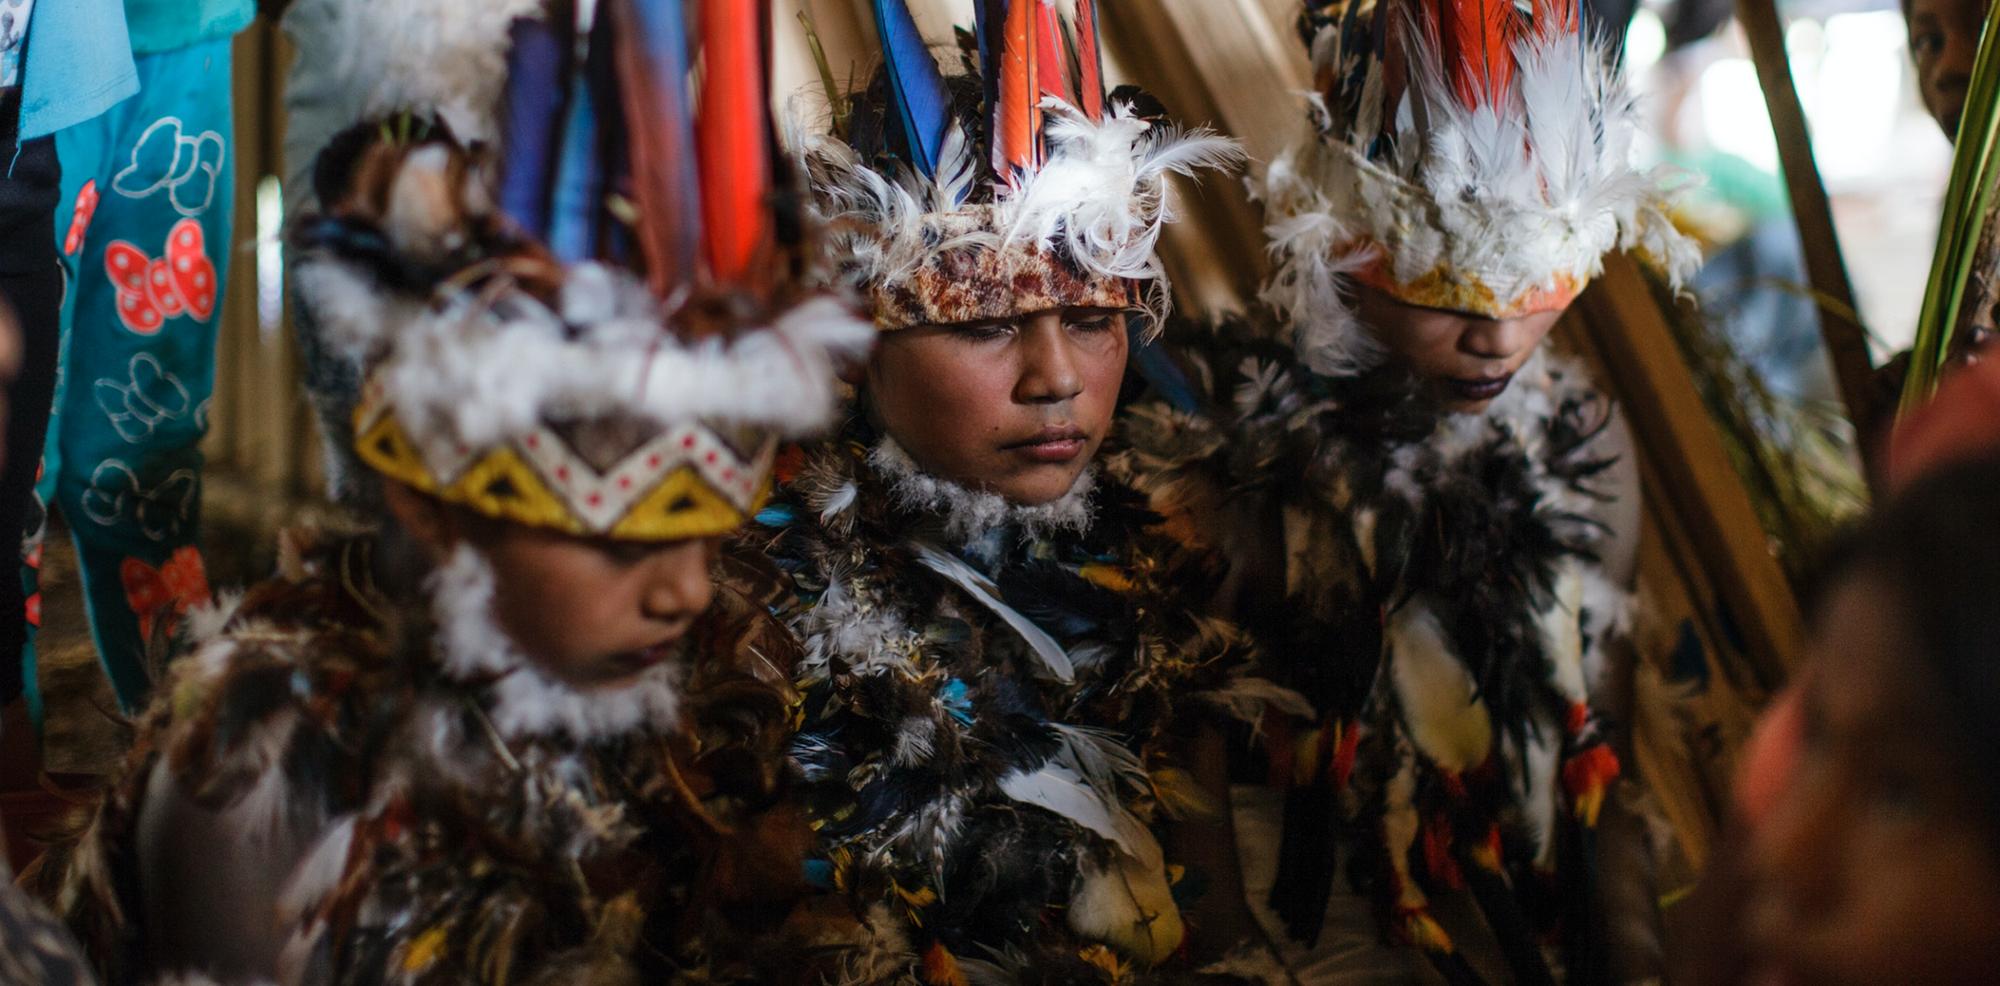 Kỳ lạ hoá trang thành quỷ, dương vật chạm khắc của bộ tộc Tikuna trong đêm nghi lễ này - Ảnh 1.